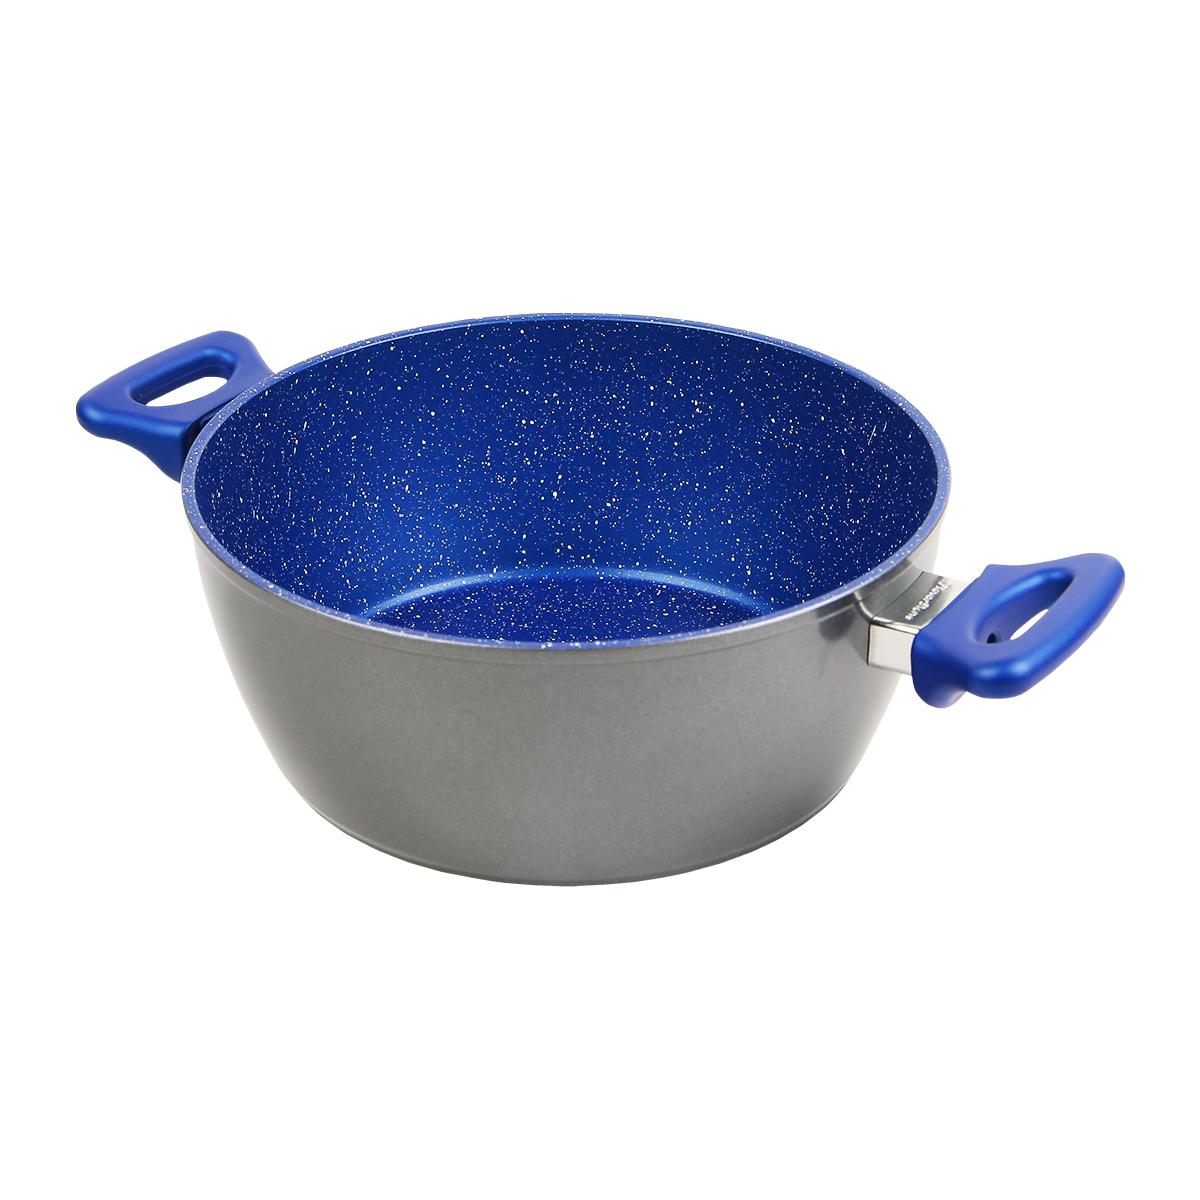 フレーバーストーン キャセロールパン ブルー